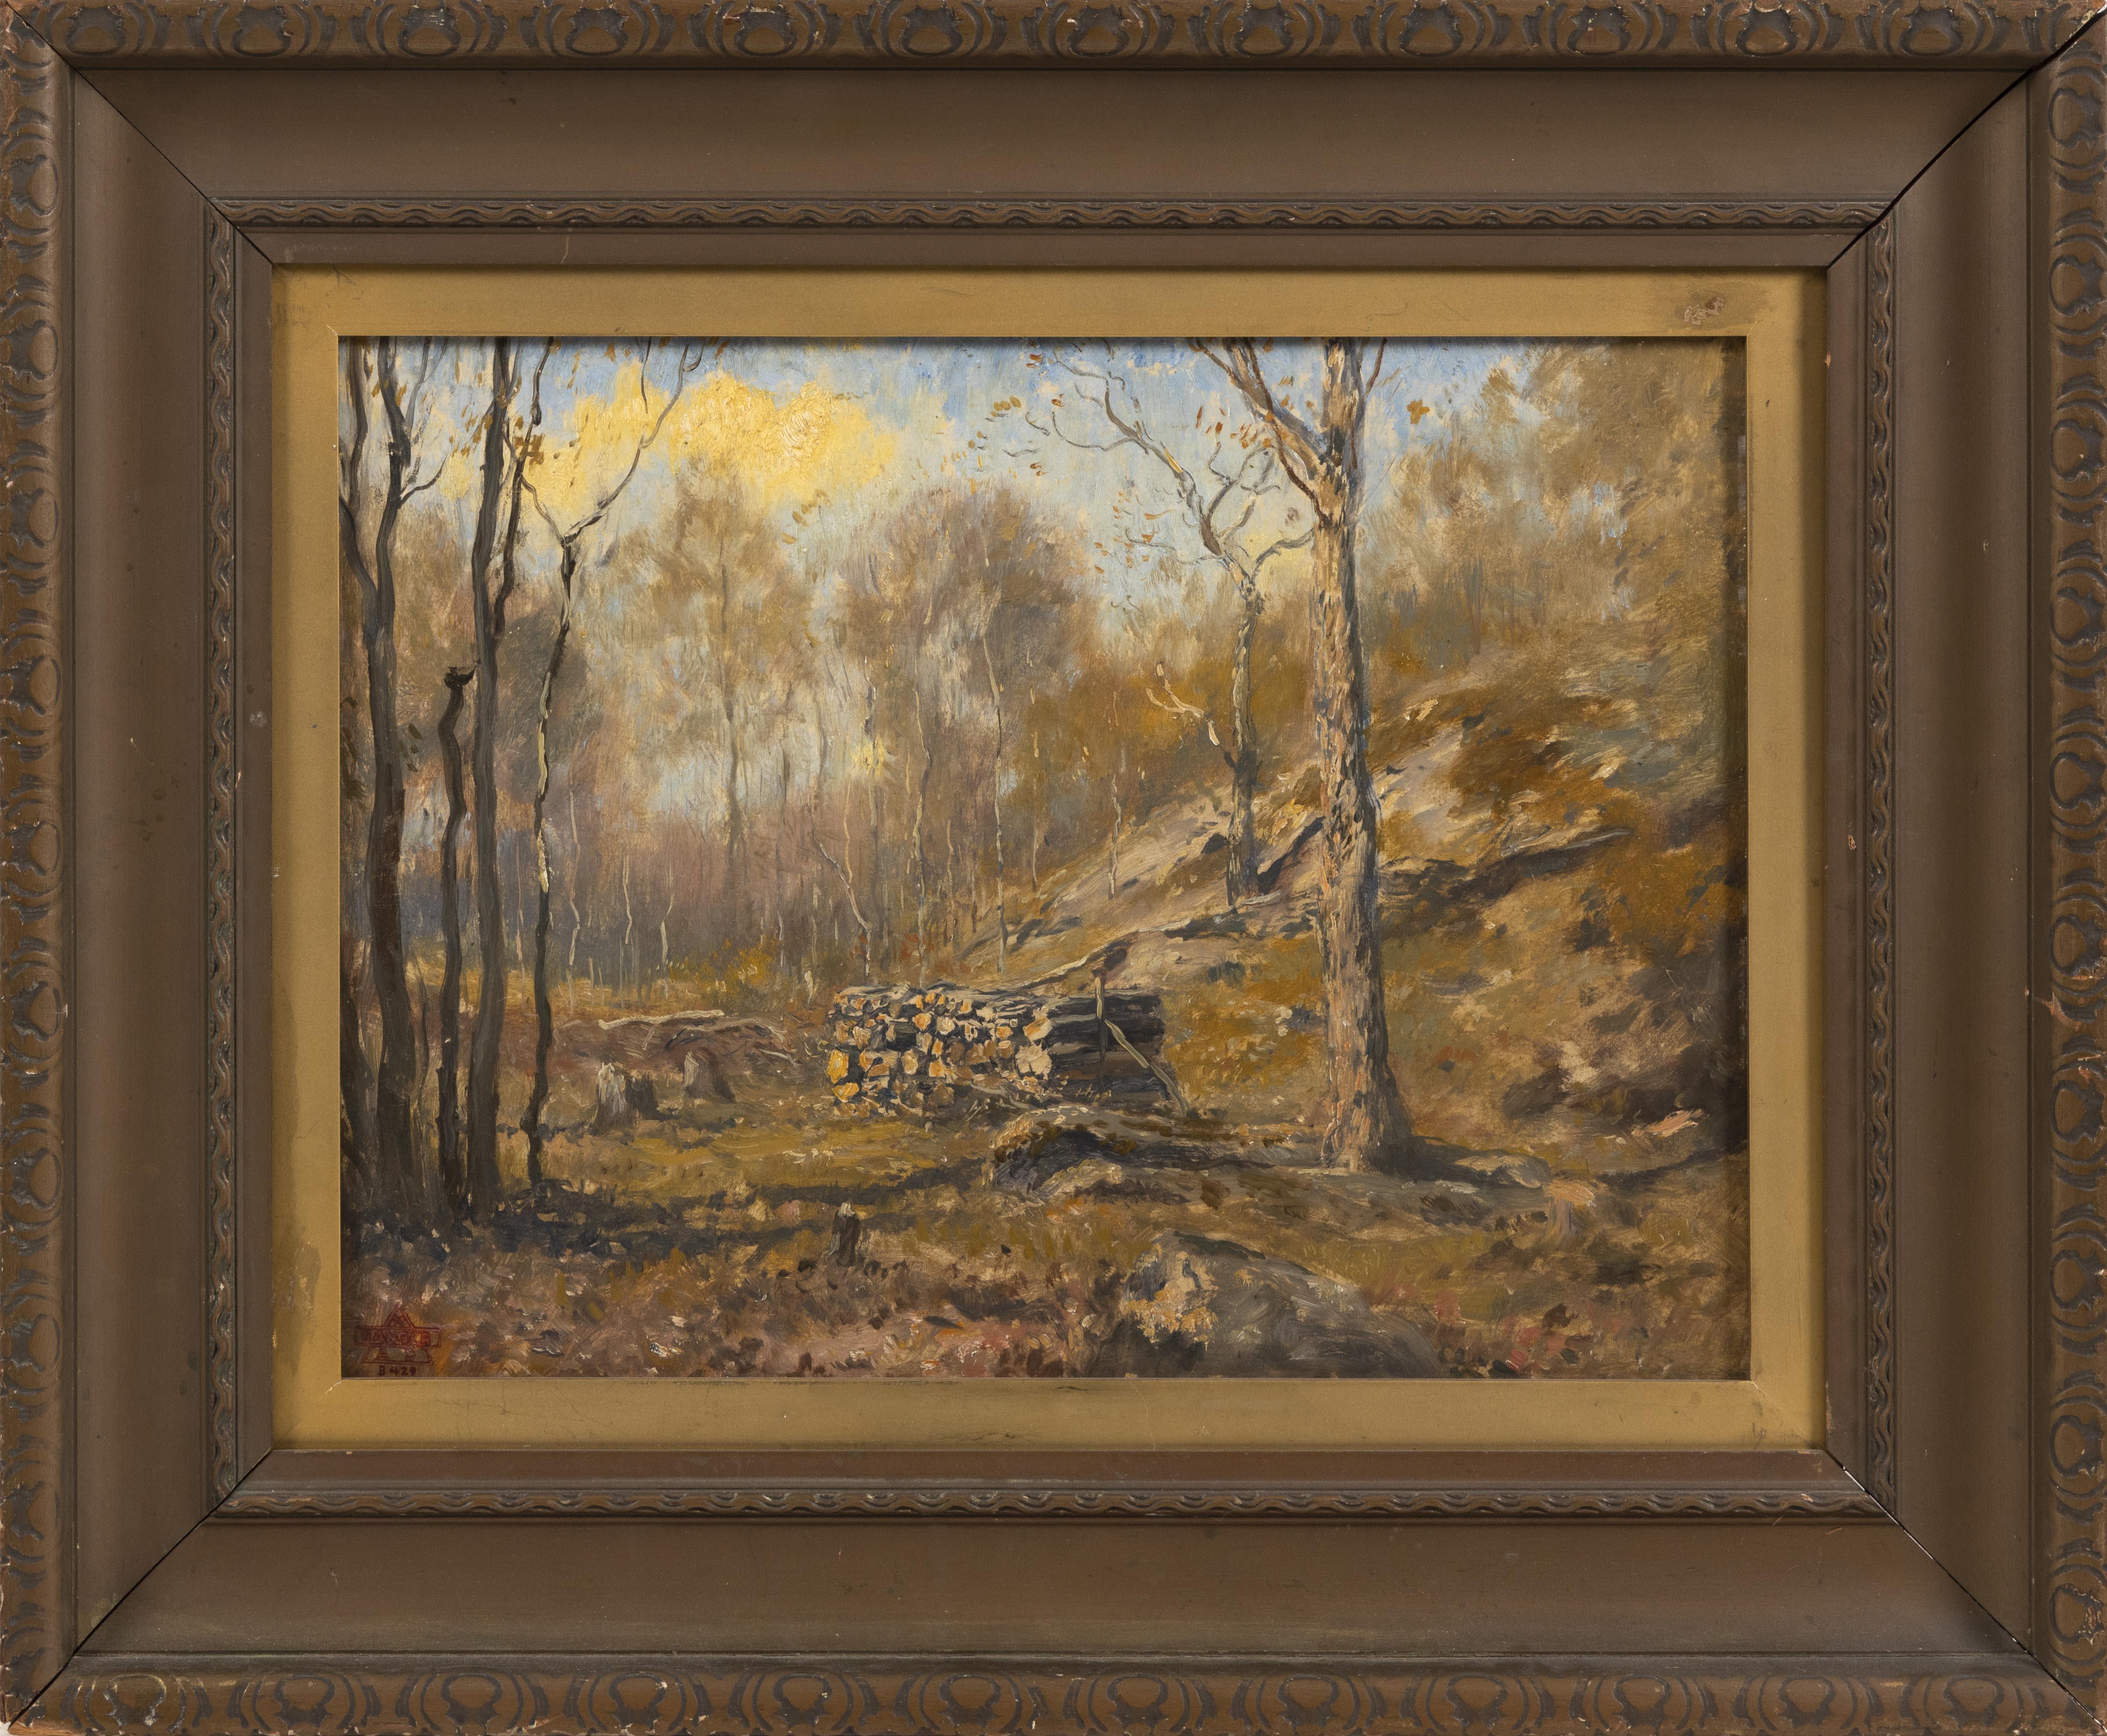 HENRY WARD RANGER (New York/Connecticut, 1858-1915), , Framed 19